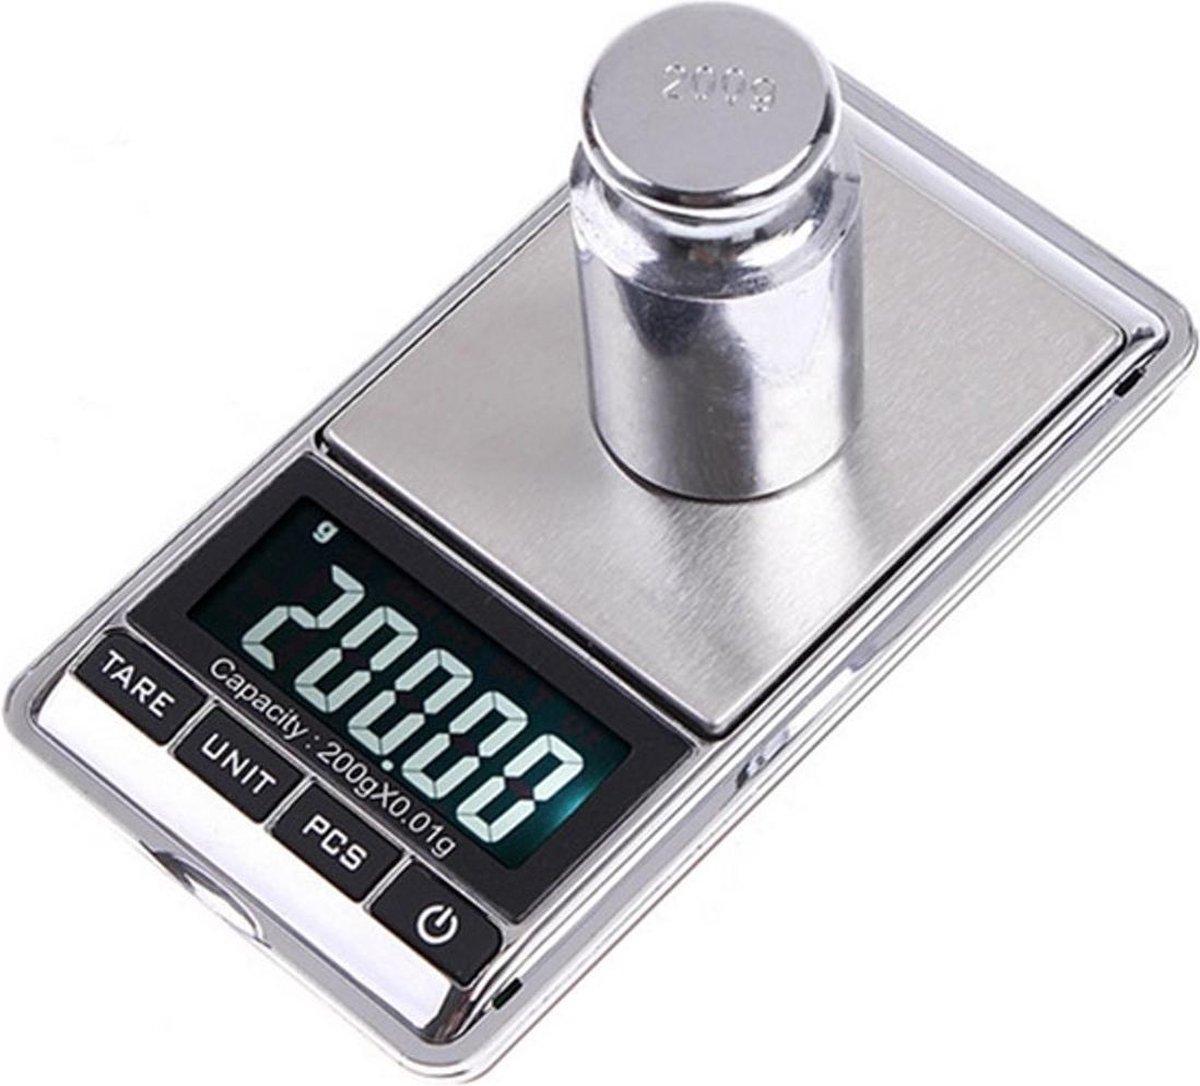 Professionele Digitale Mini Pocket Keuken Precisie Weegschaal - Op Batterij - 0,01 MG tot 200 Gram-